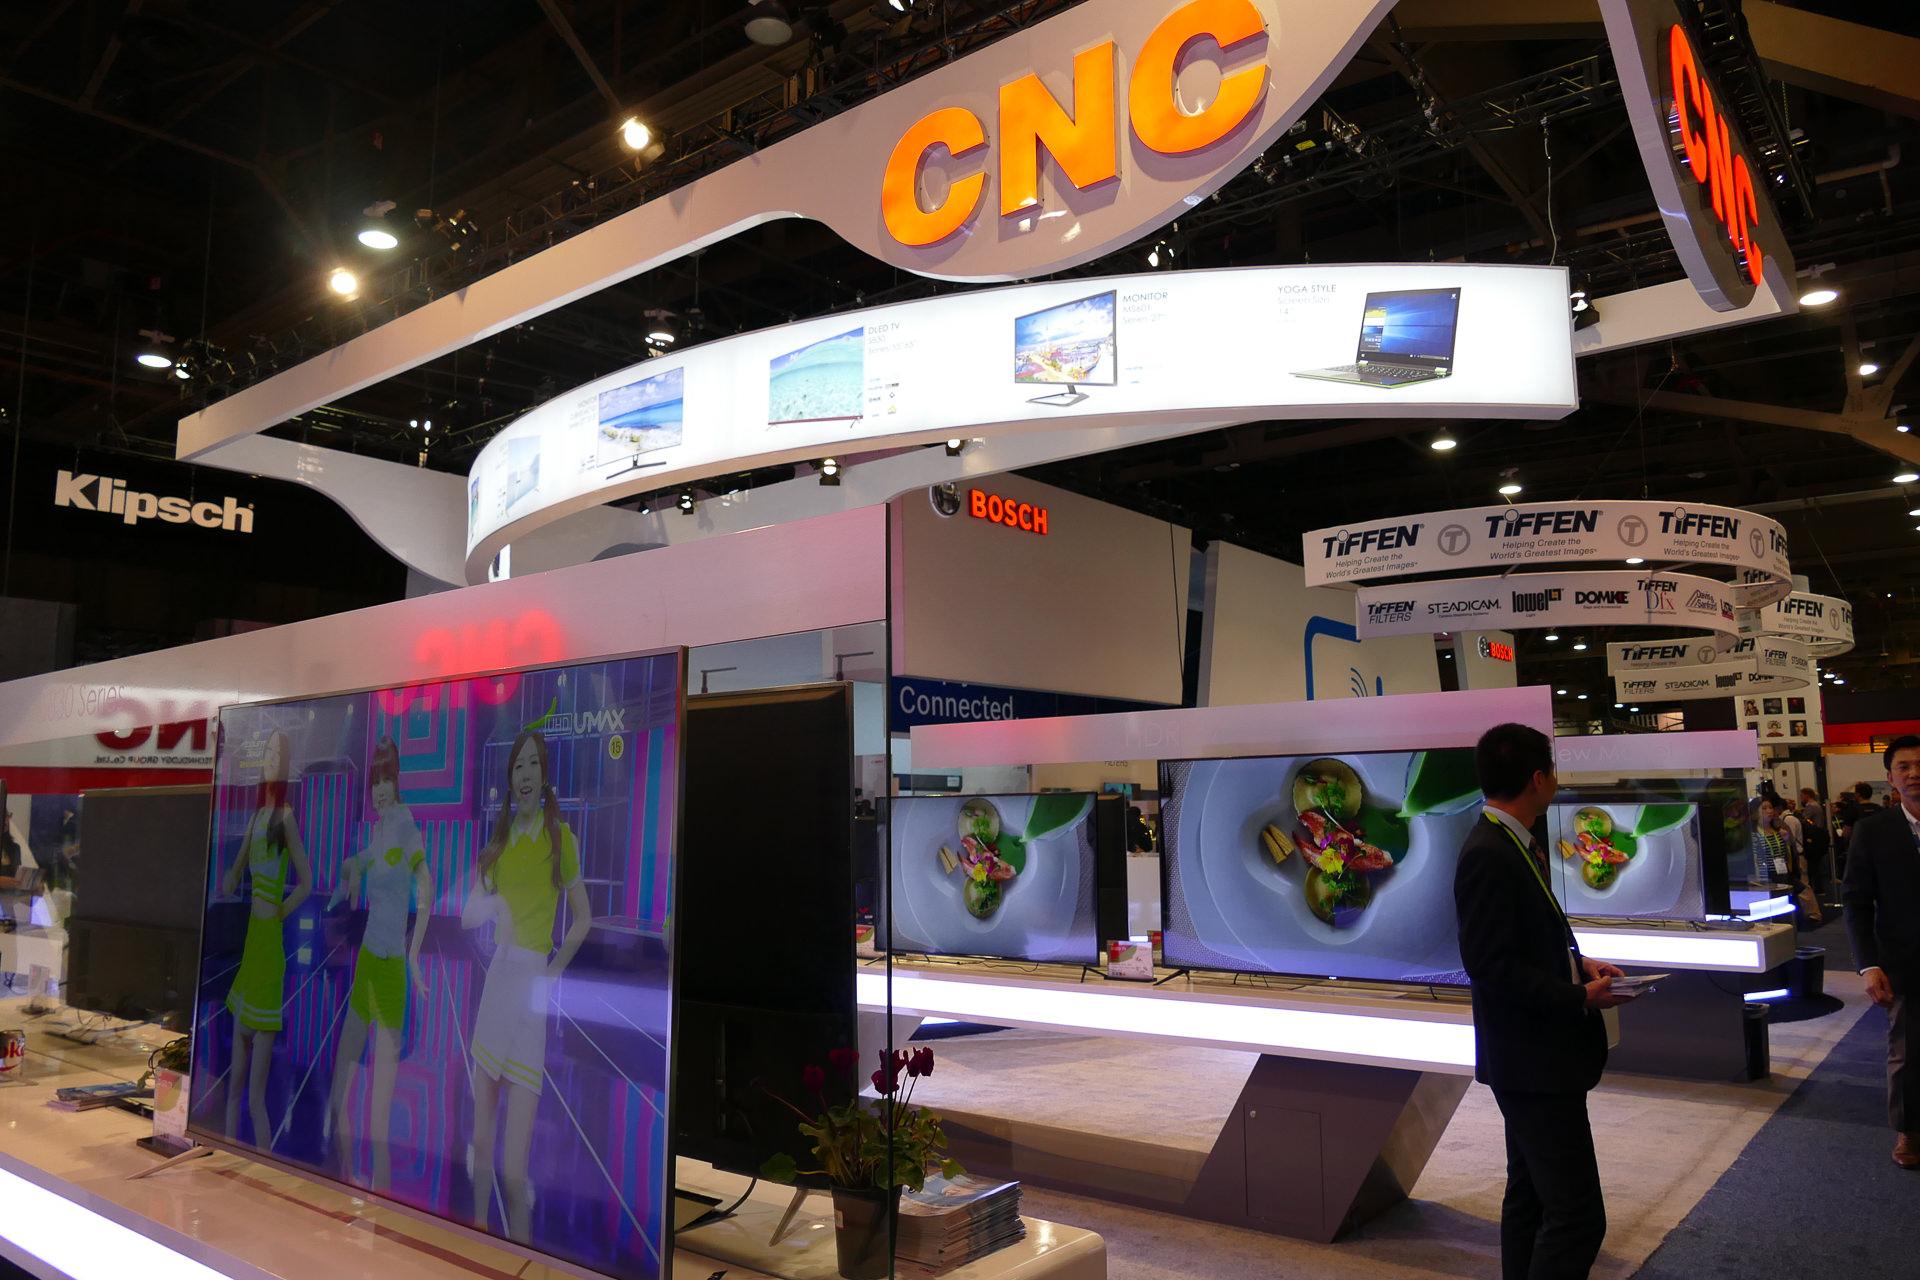 中国本土のメーカーCNCのブース。今後中国勢の台頭は必至